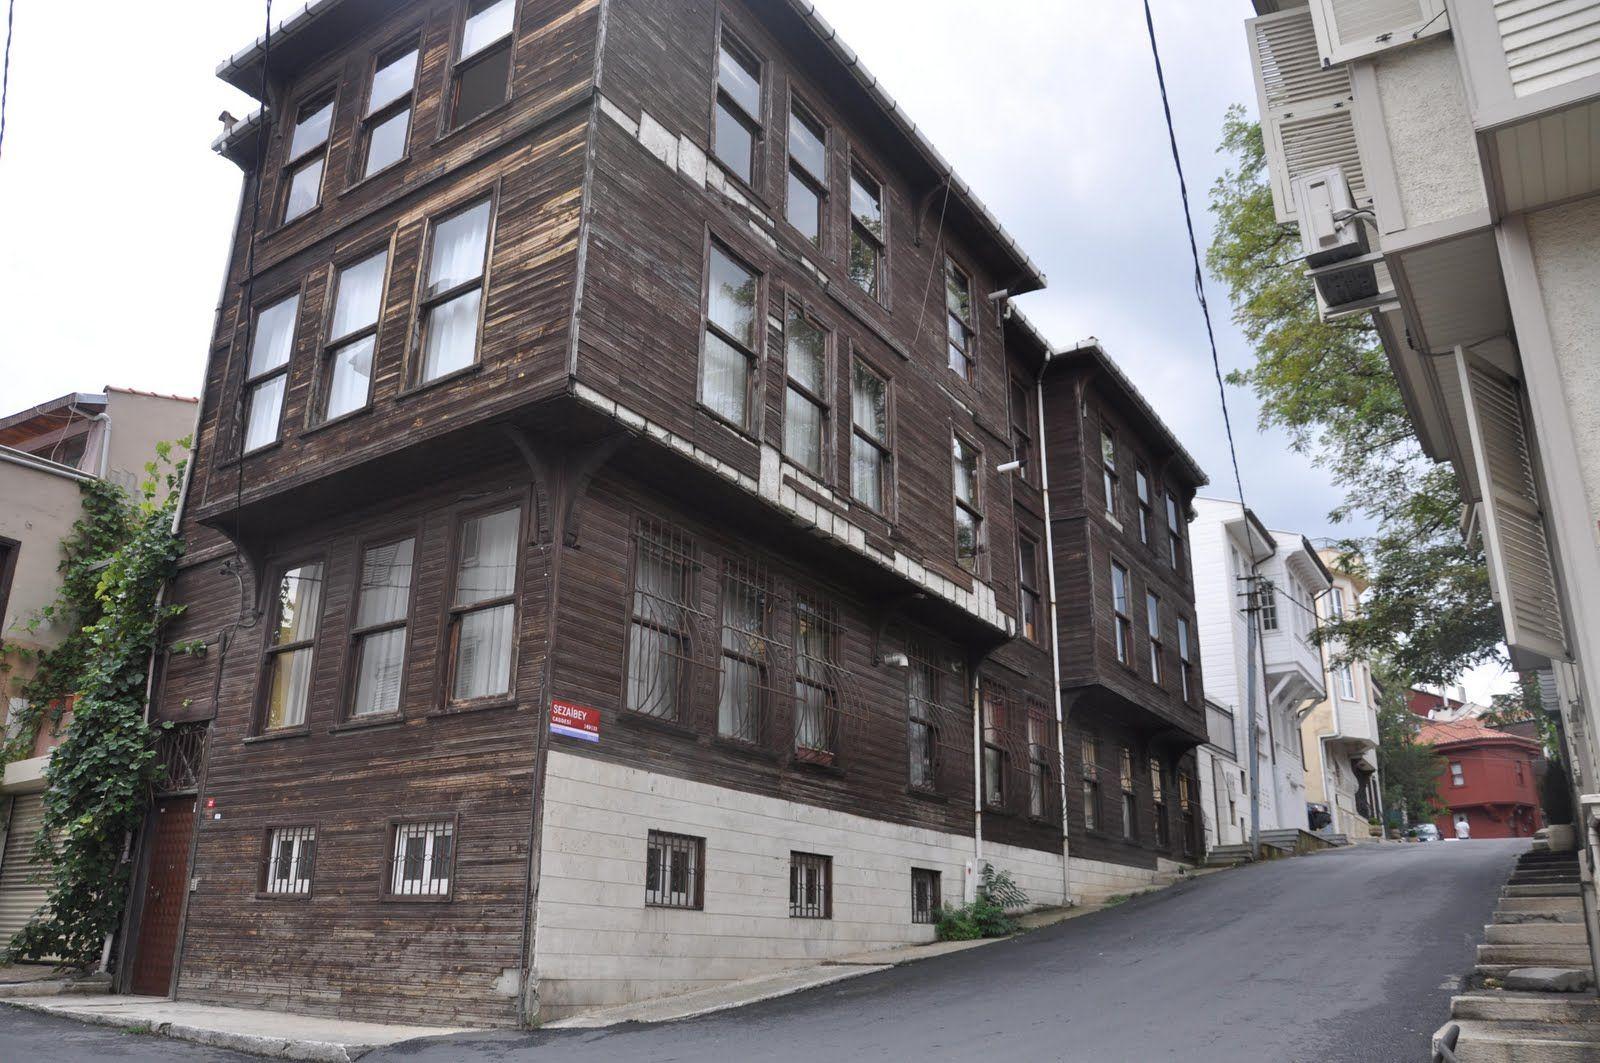 İstanbul'un Kitaplara Konu Olan Gizemli Mahalle ve Sokakları